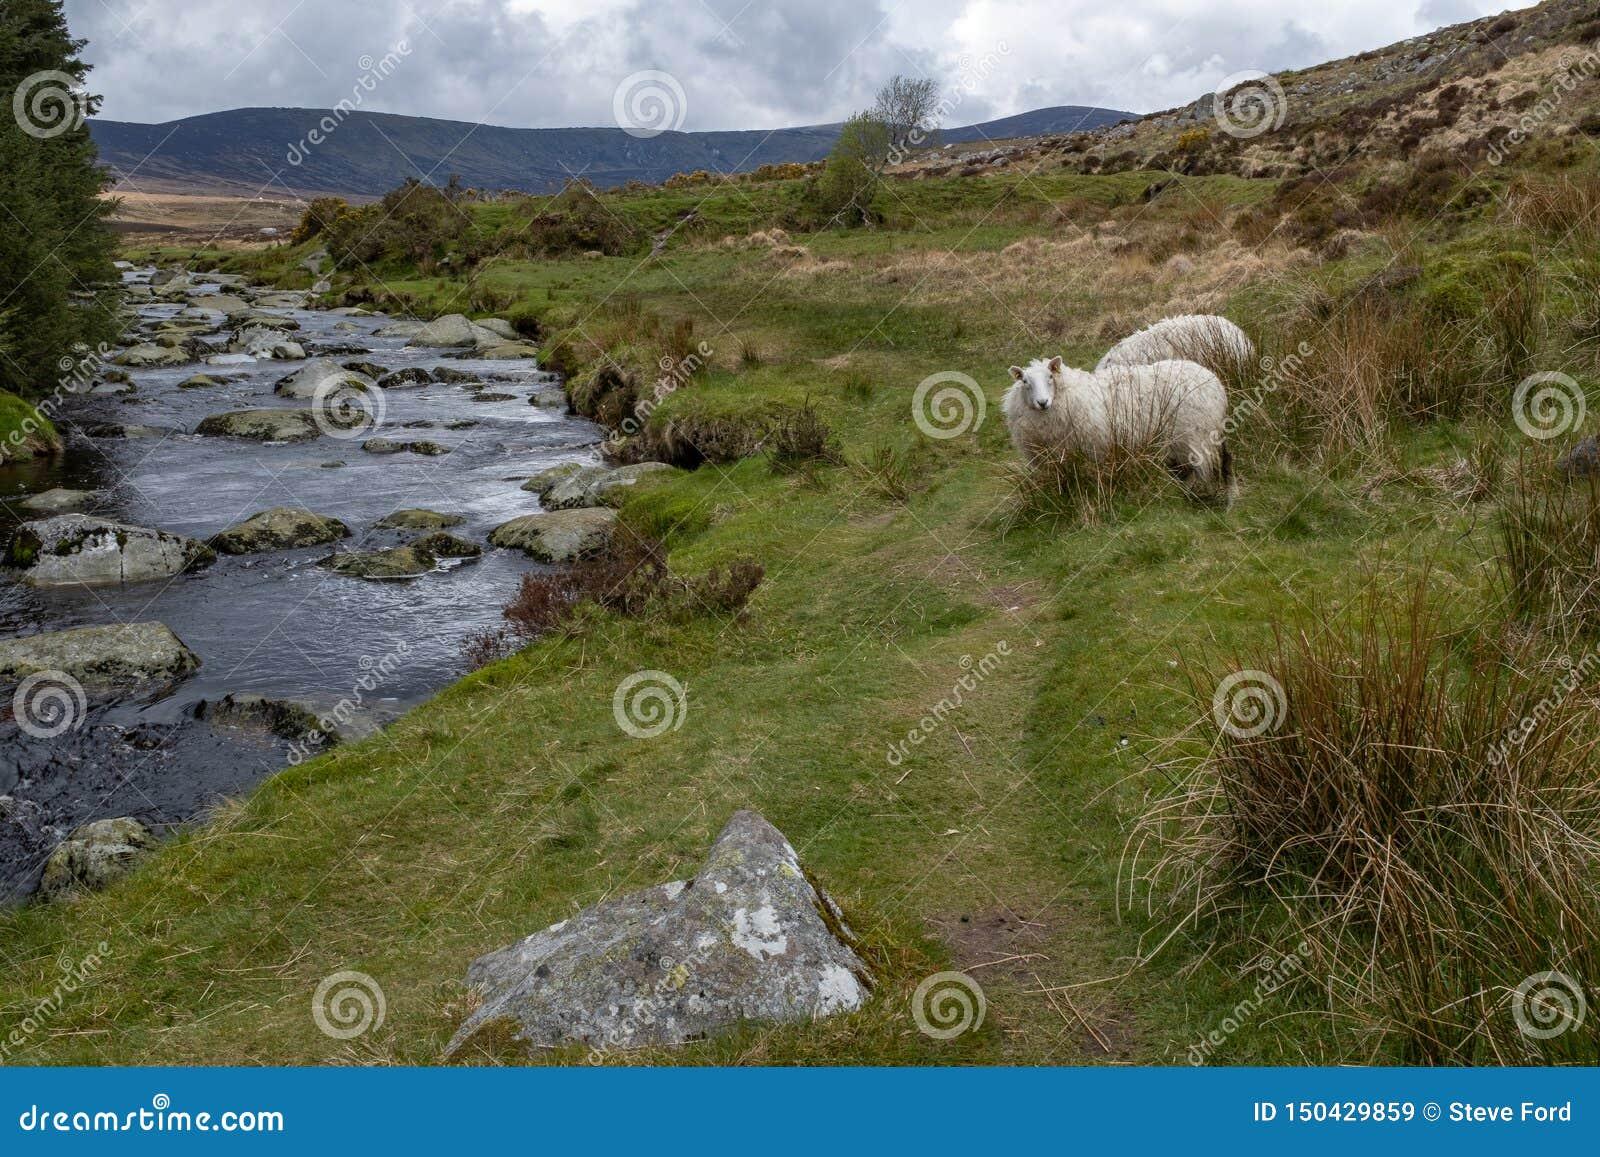 El r?o Iffey que atraviesa el Wicklow Gap en el condado Wicklow, Irlanda, oveja que mira fijamente la c?mara